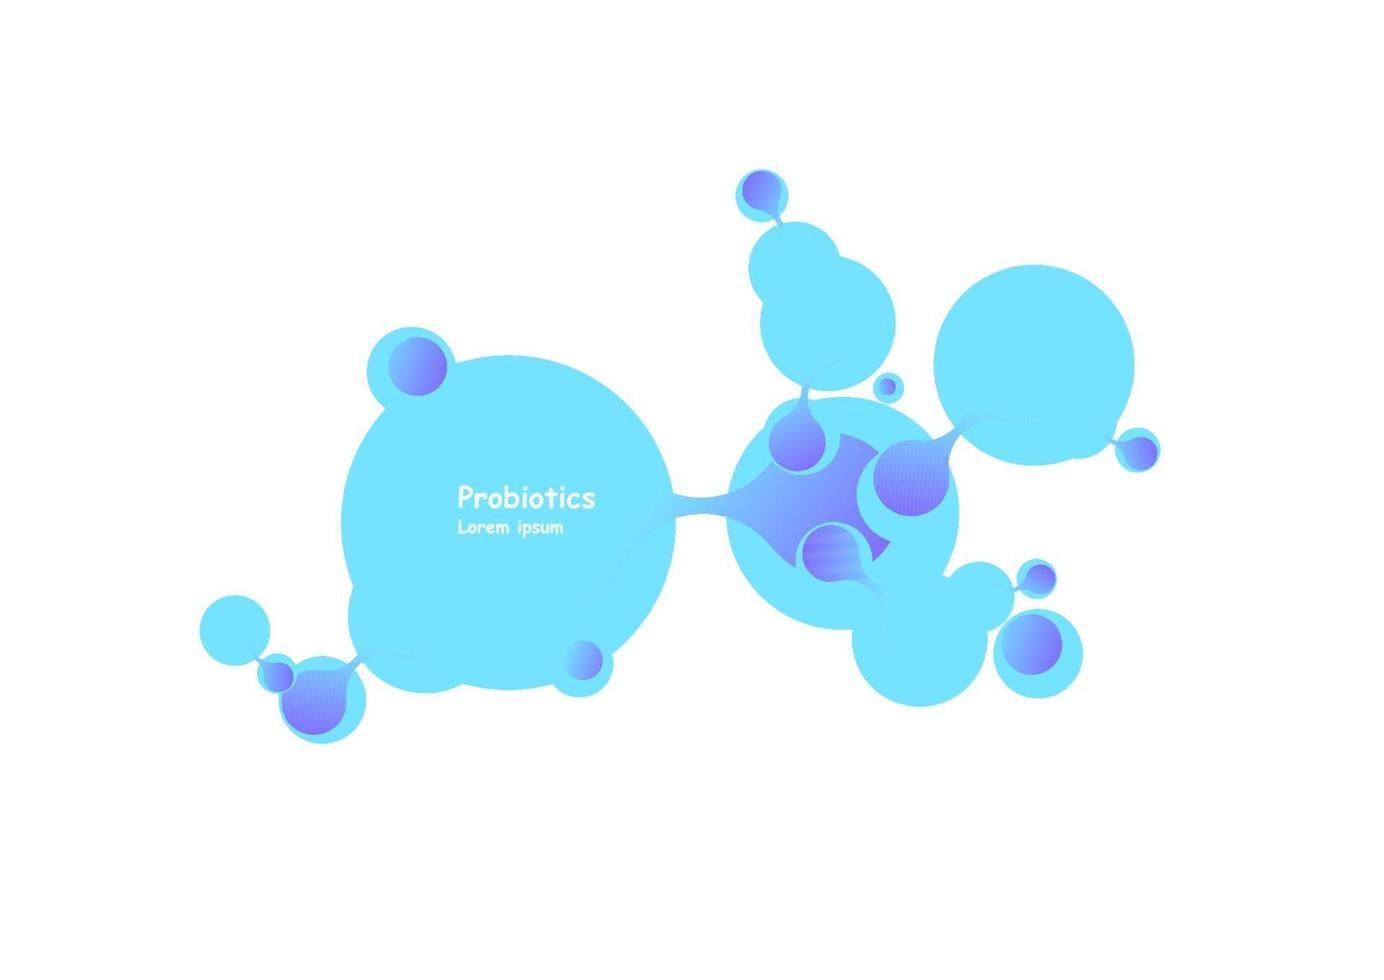 projeto de vetor de bactérias probióticos. projeto de vetor de bactérias probióticos. conceito de design com bactérias probióticas de lactobacilos. modelo de design com ingrediente prebiótico de nutrição saudável